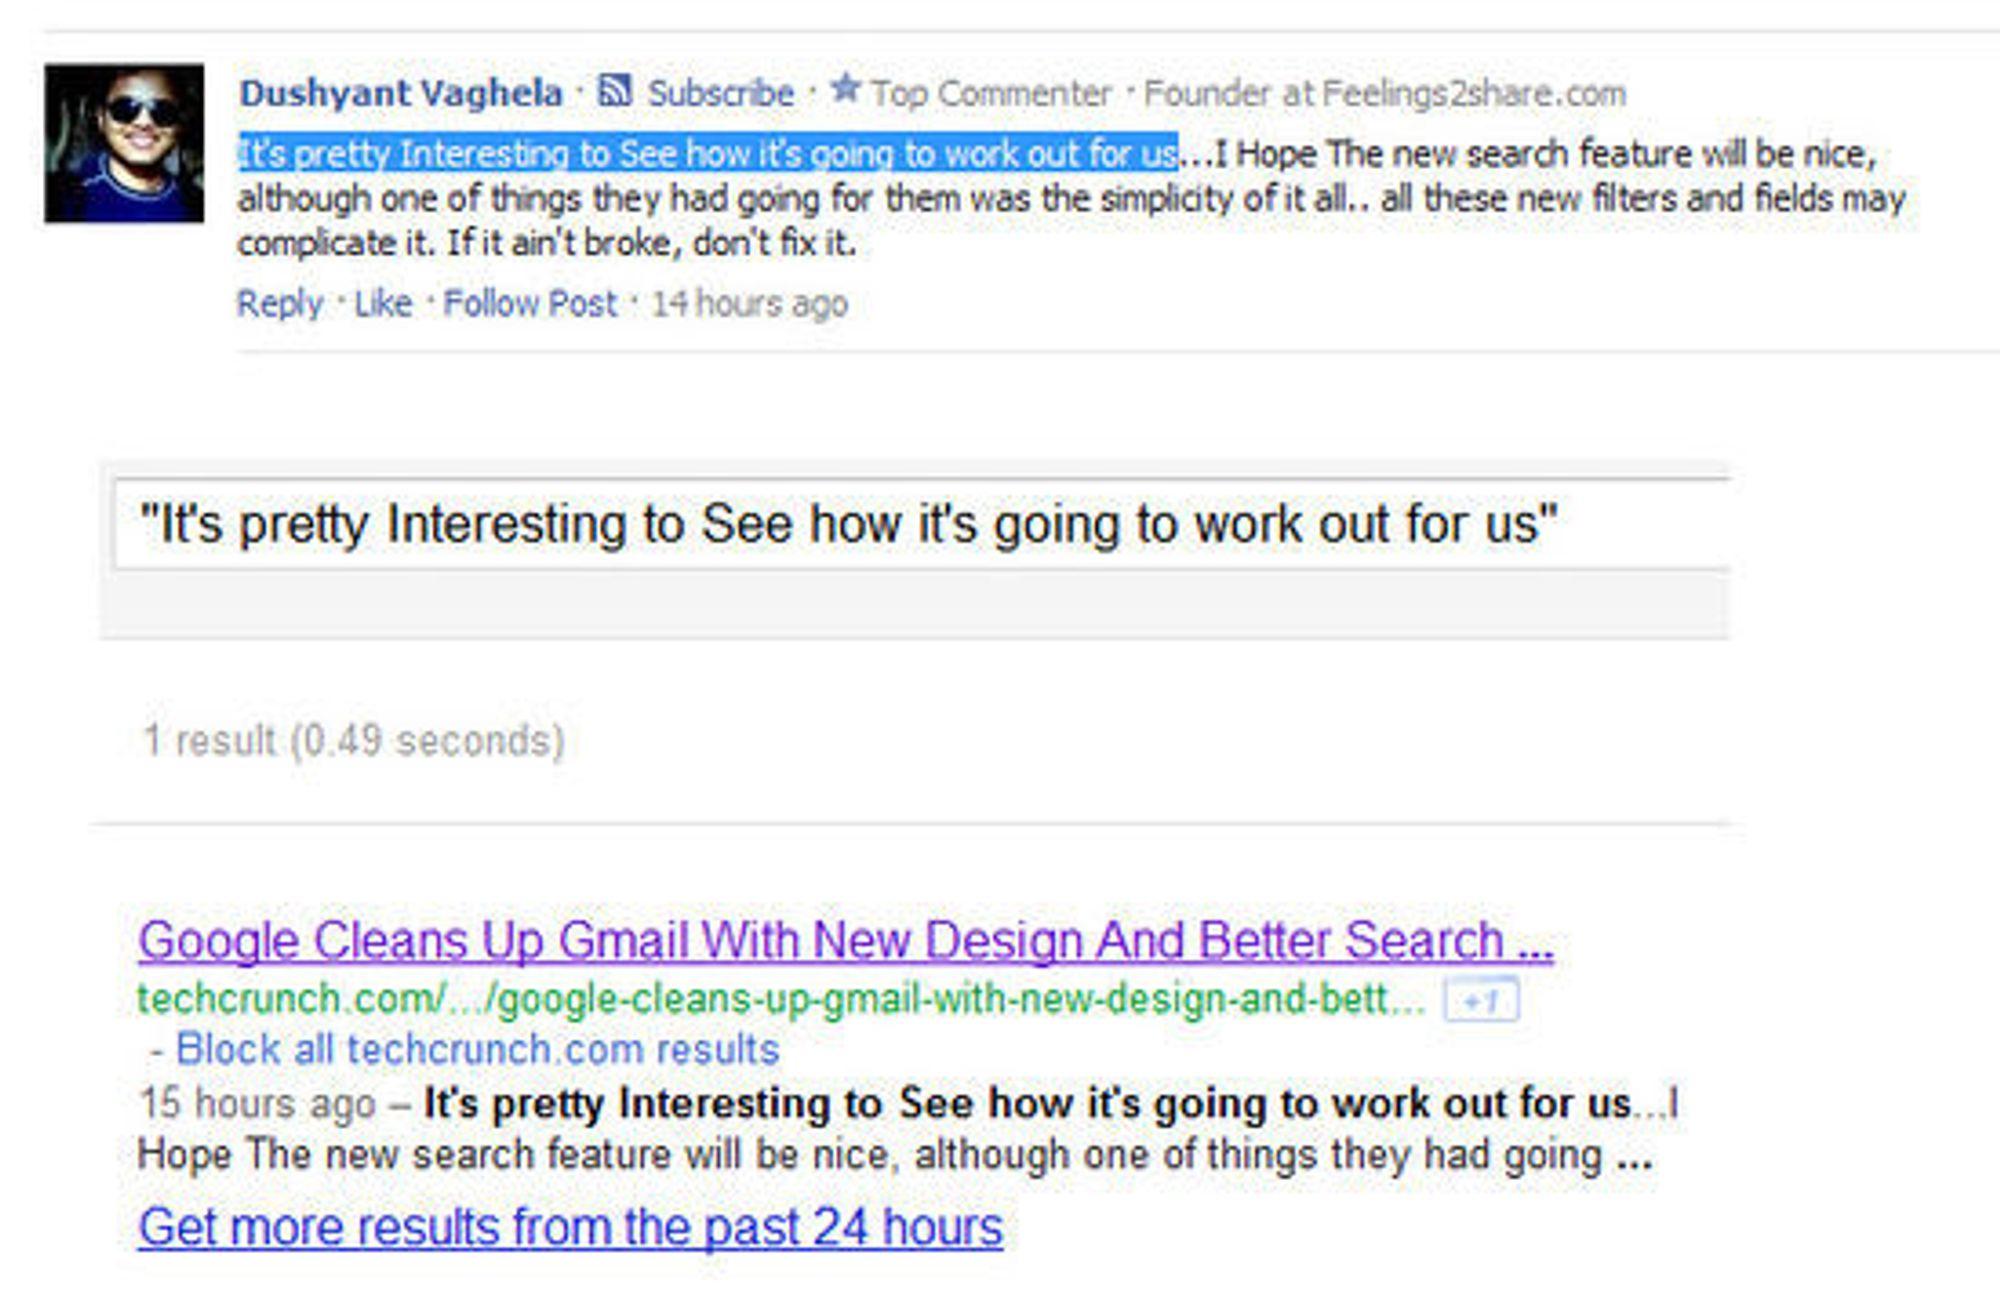 Google indekserer nyere innlegg i Facebook-delen på Techcrunch.com. Øverst vises innlegget slik det ser ut på Techcrunch. Nederst vises hvordan det dukker opp i Googles søkeresultater.